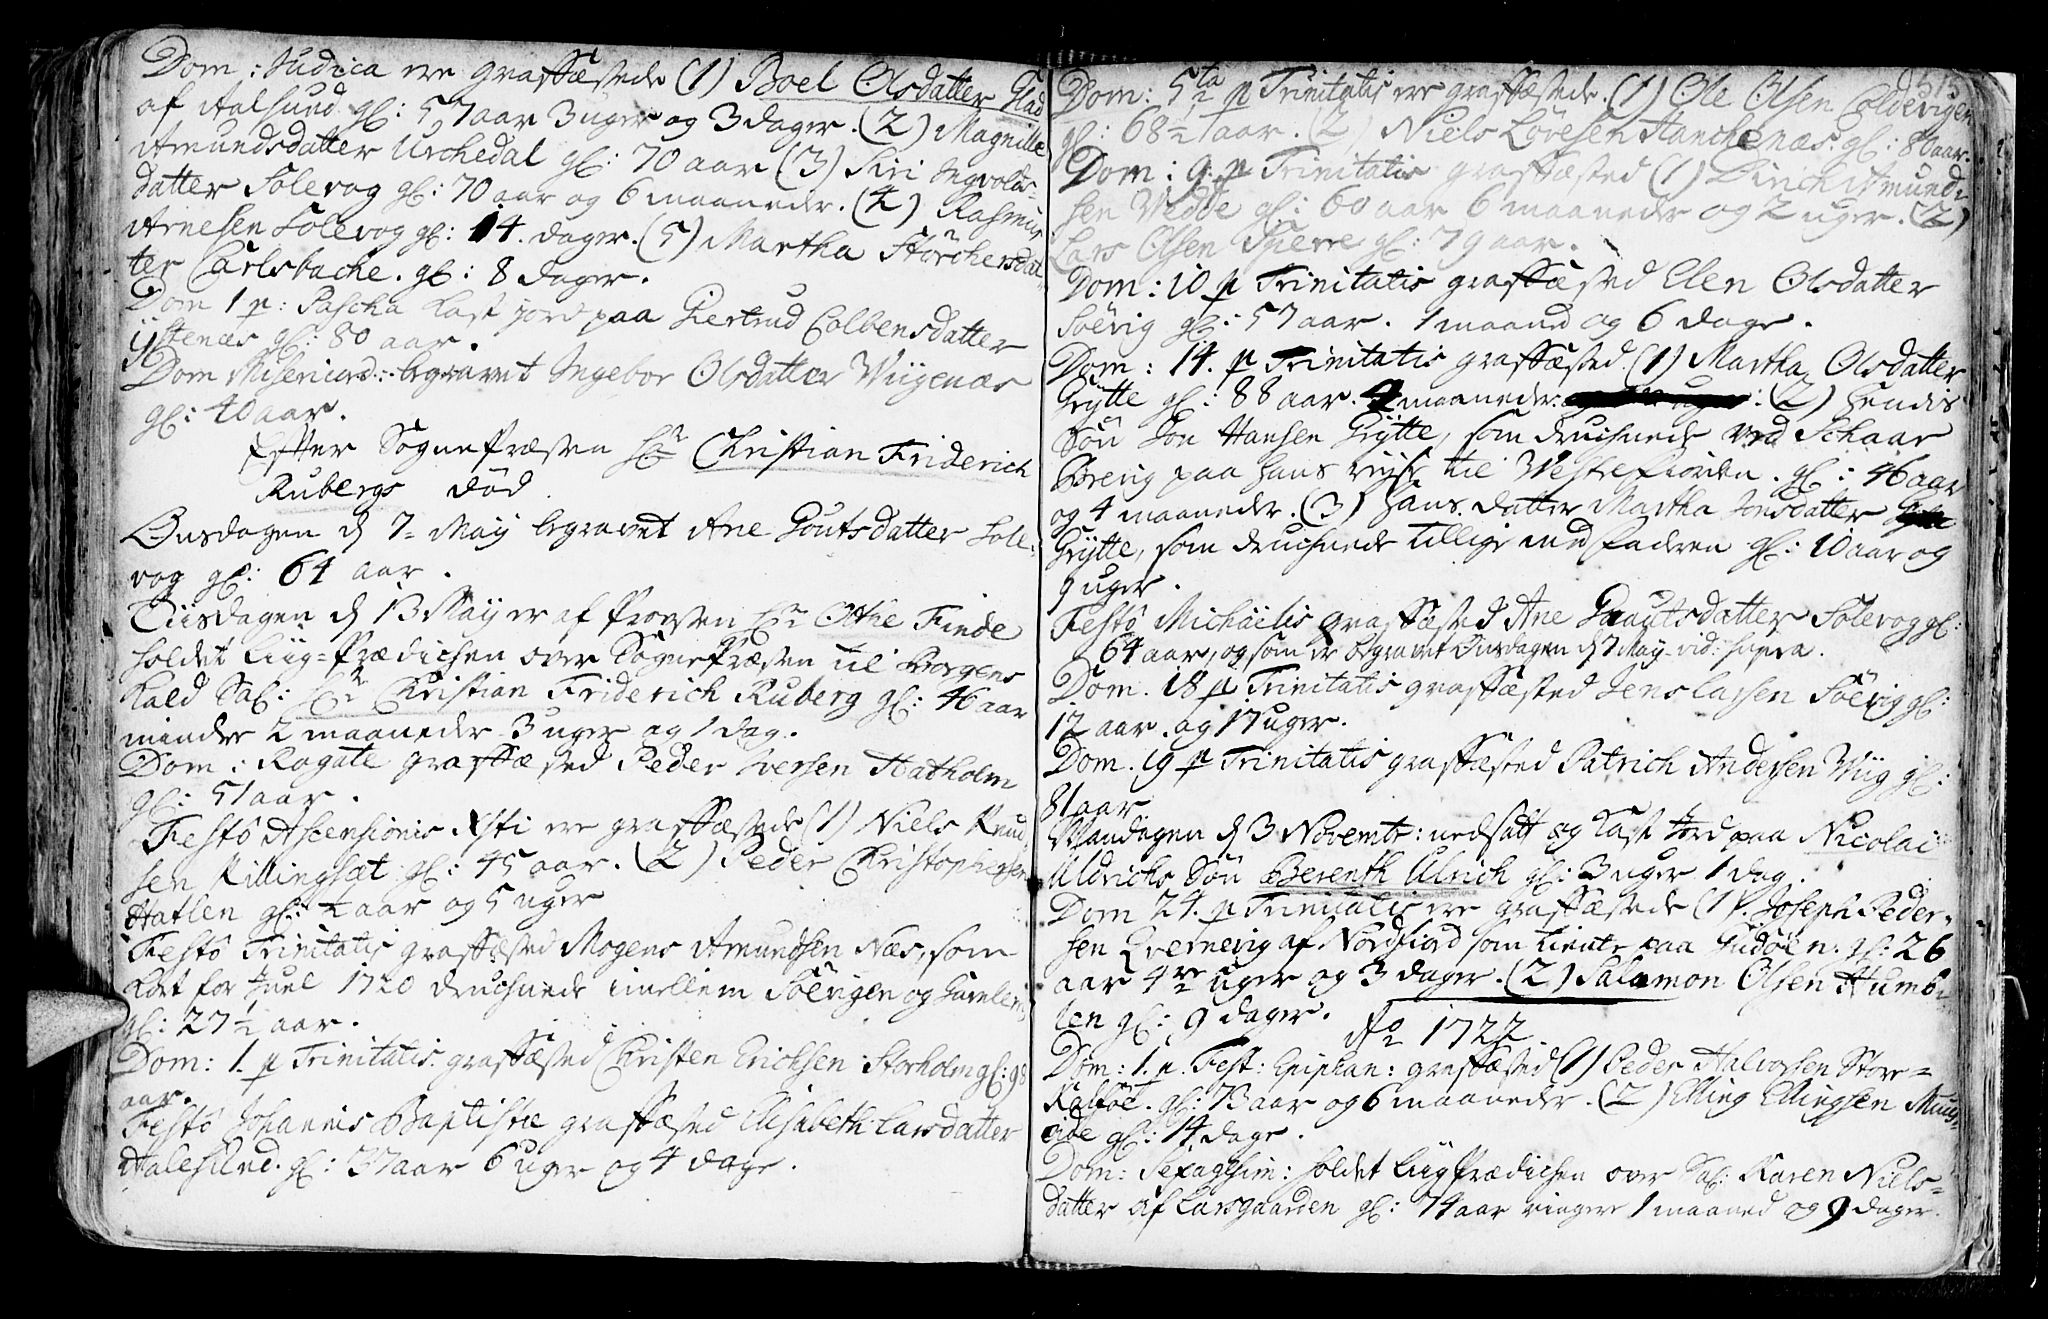 SAT, Ministerialprotokoller, klokkerbøker og fødselsregistre - Møre og Romsdal, 528/L0390: Ministerialbok nr. 528A01, 1698-1739, s. 514-515